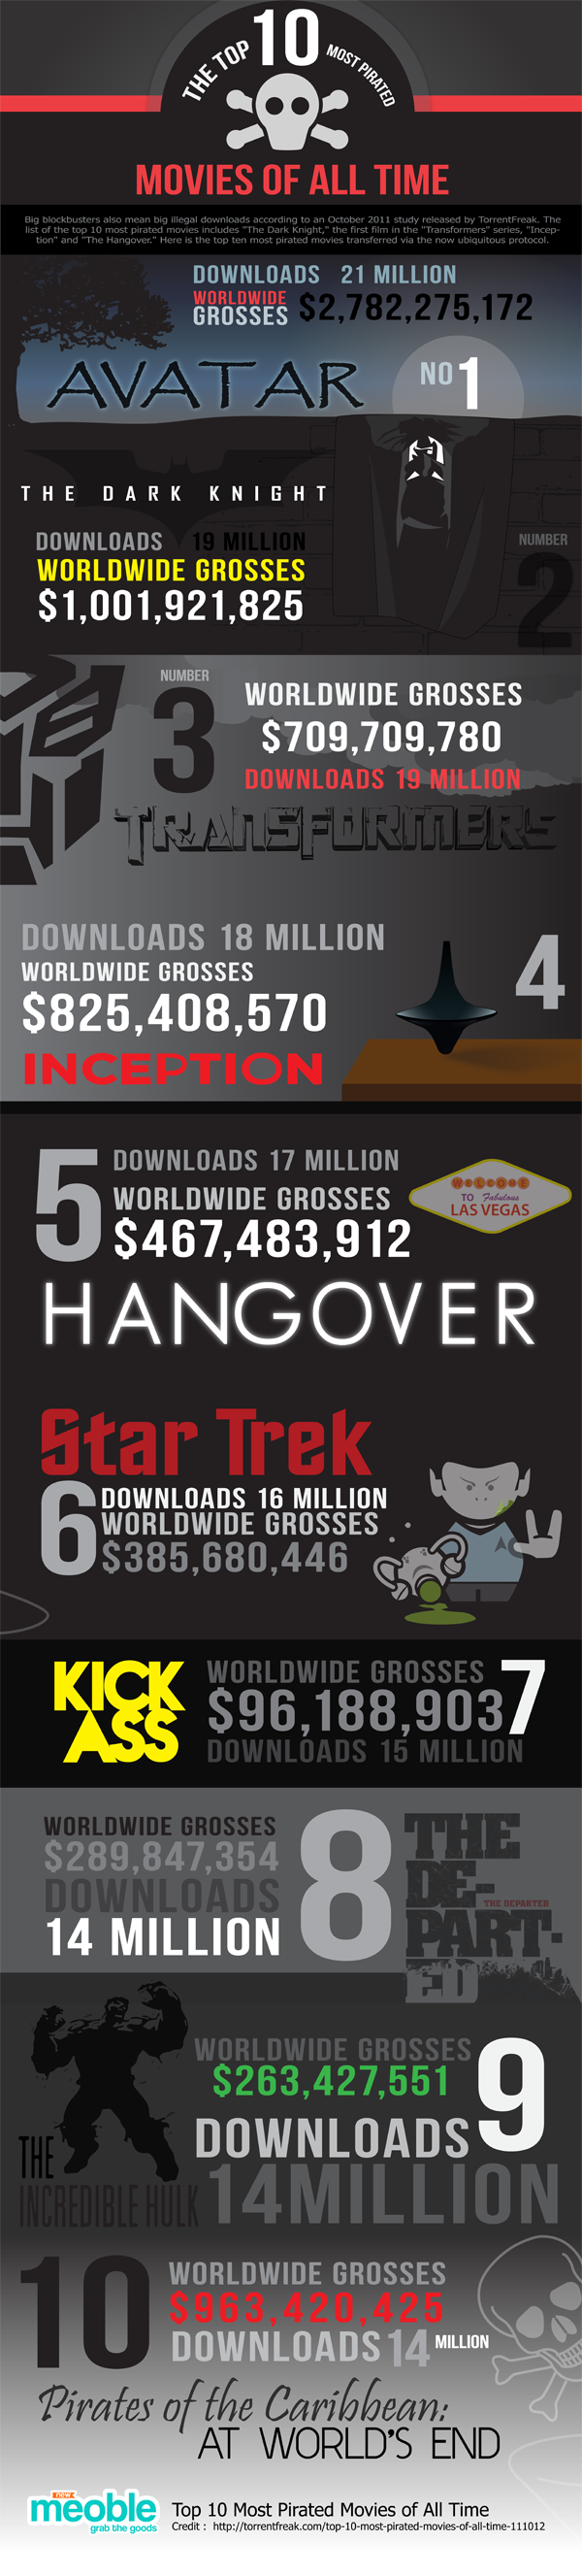 Las 10 películas más pirateadas de todos los tiempos